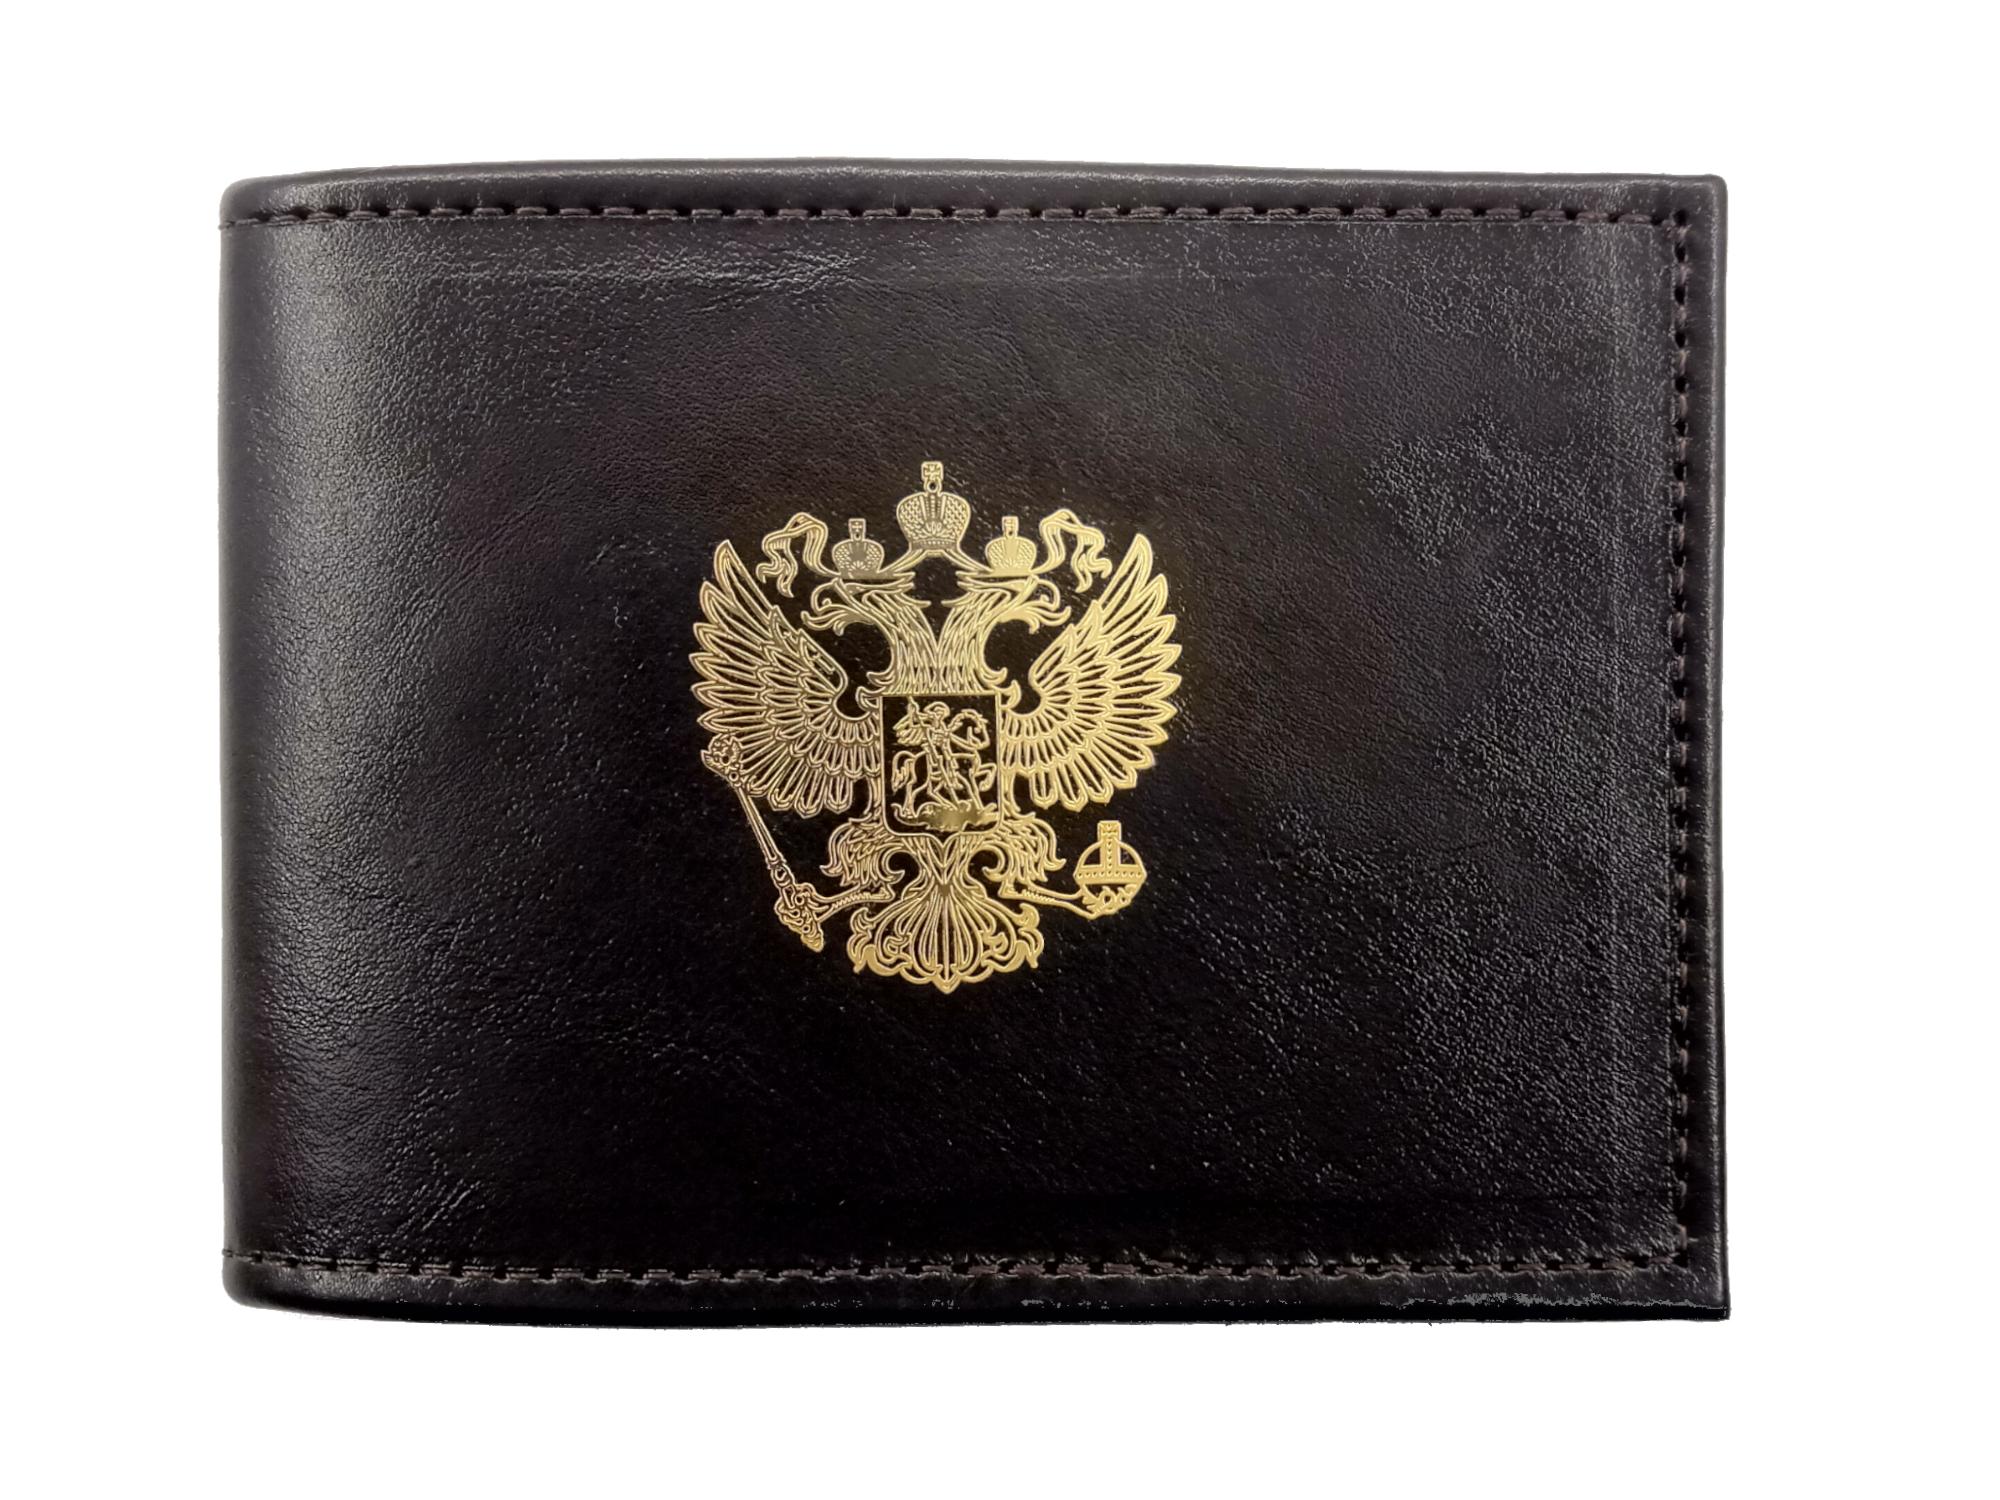 Обложка для удостоверения   Золотая пластинка   Черный